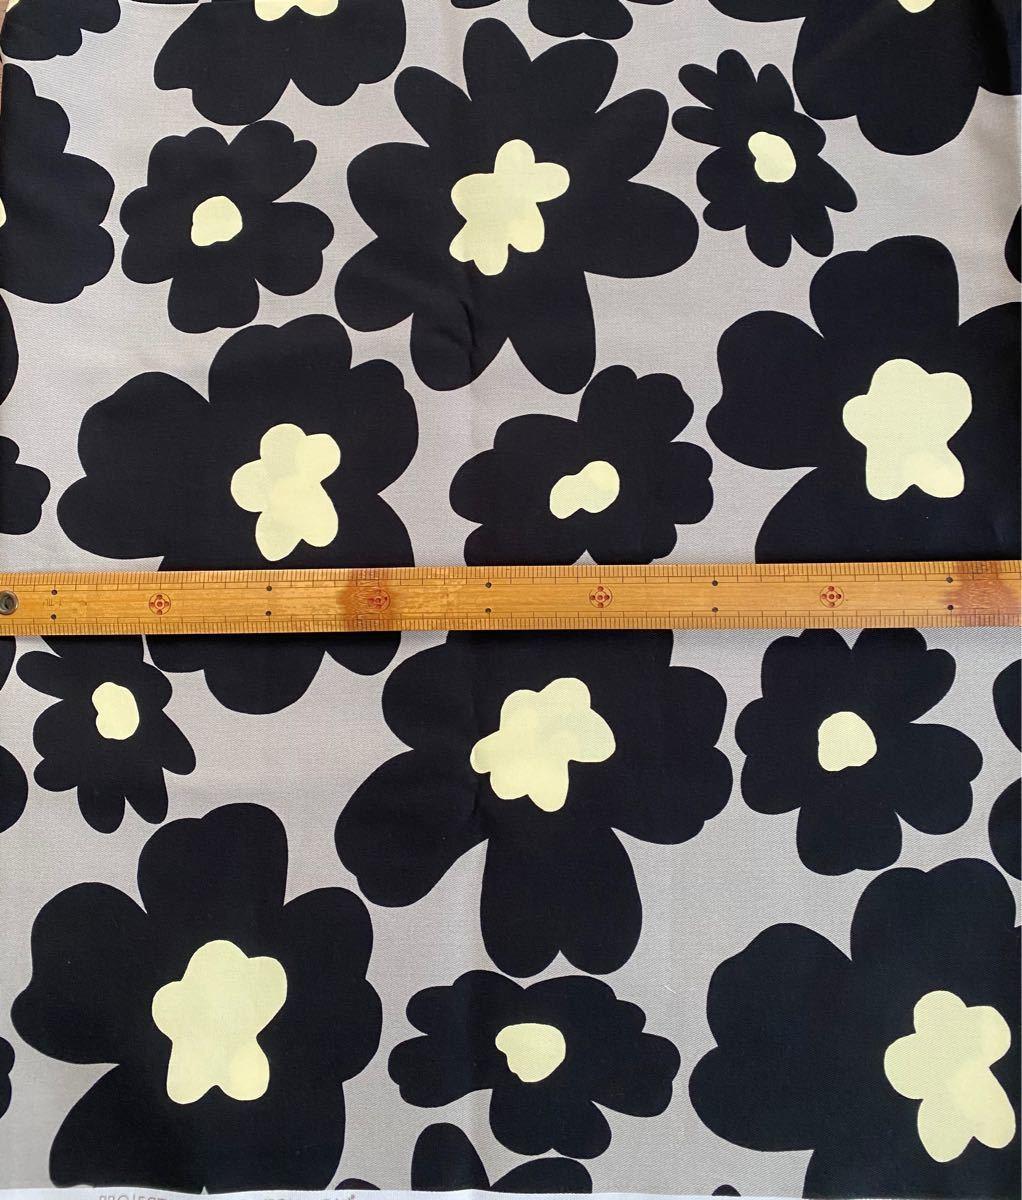 花柄生地 グレー地に黒花柄 50cm コットンこばやし